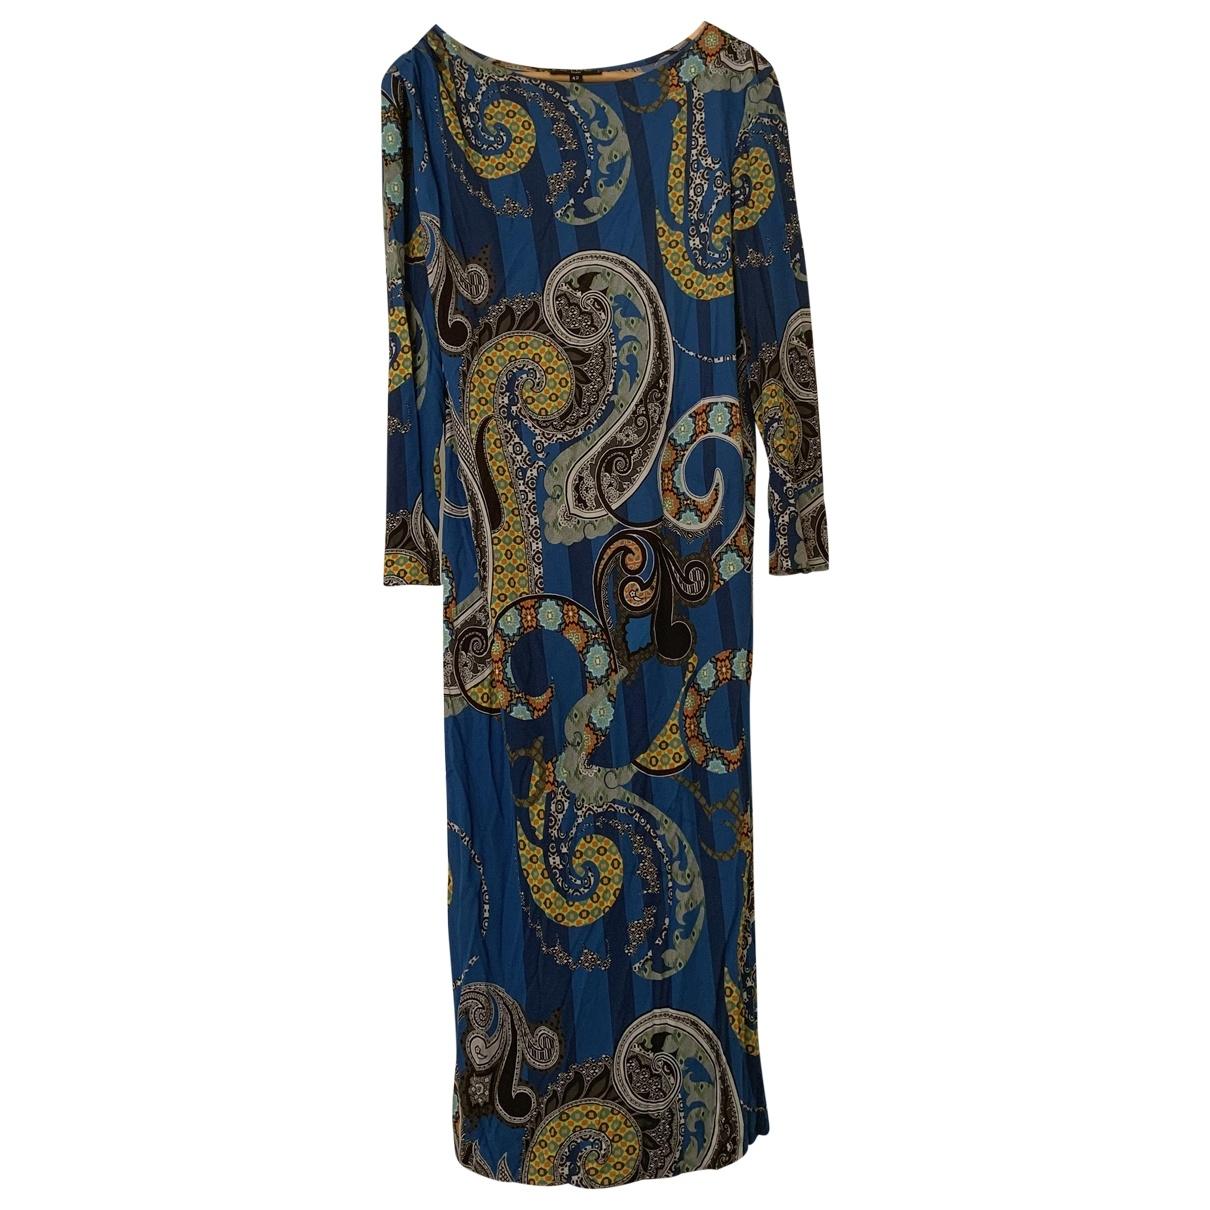 Etro \N Blue dress for Women 42 IT